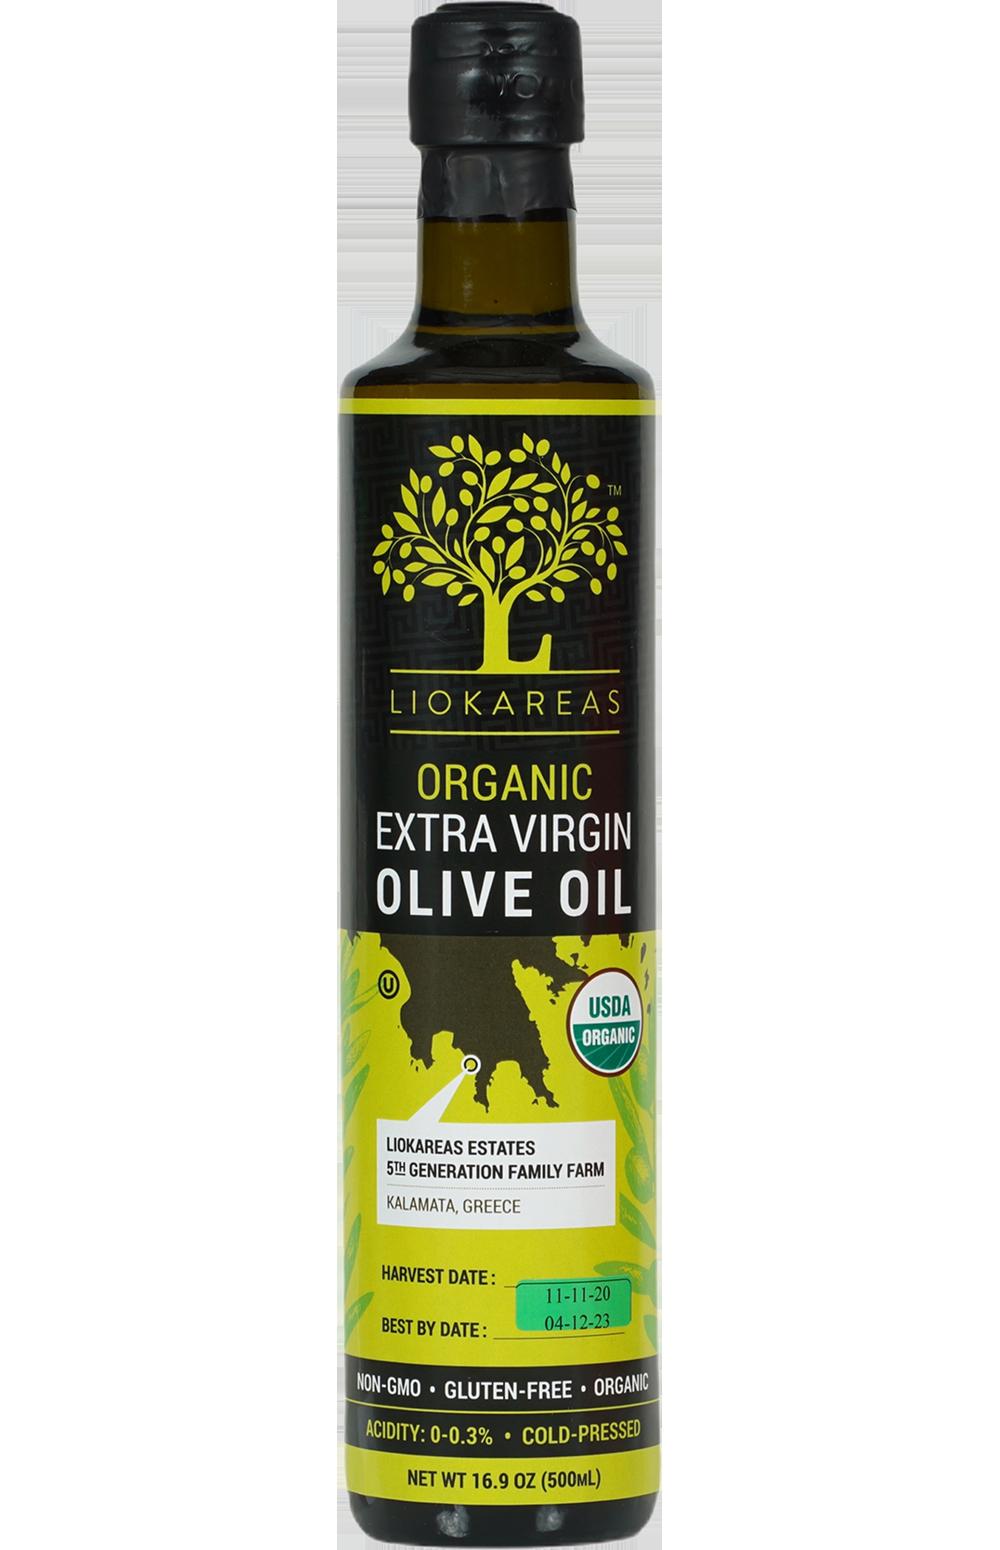 Liokareas Organic